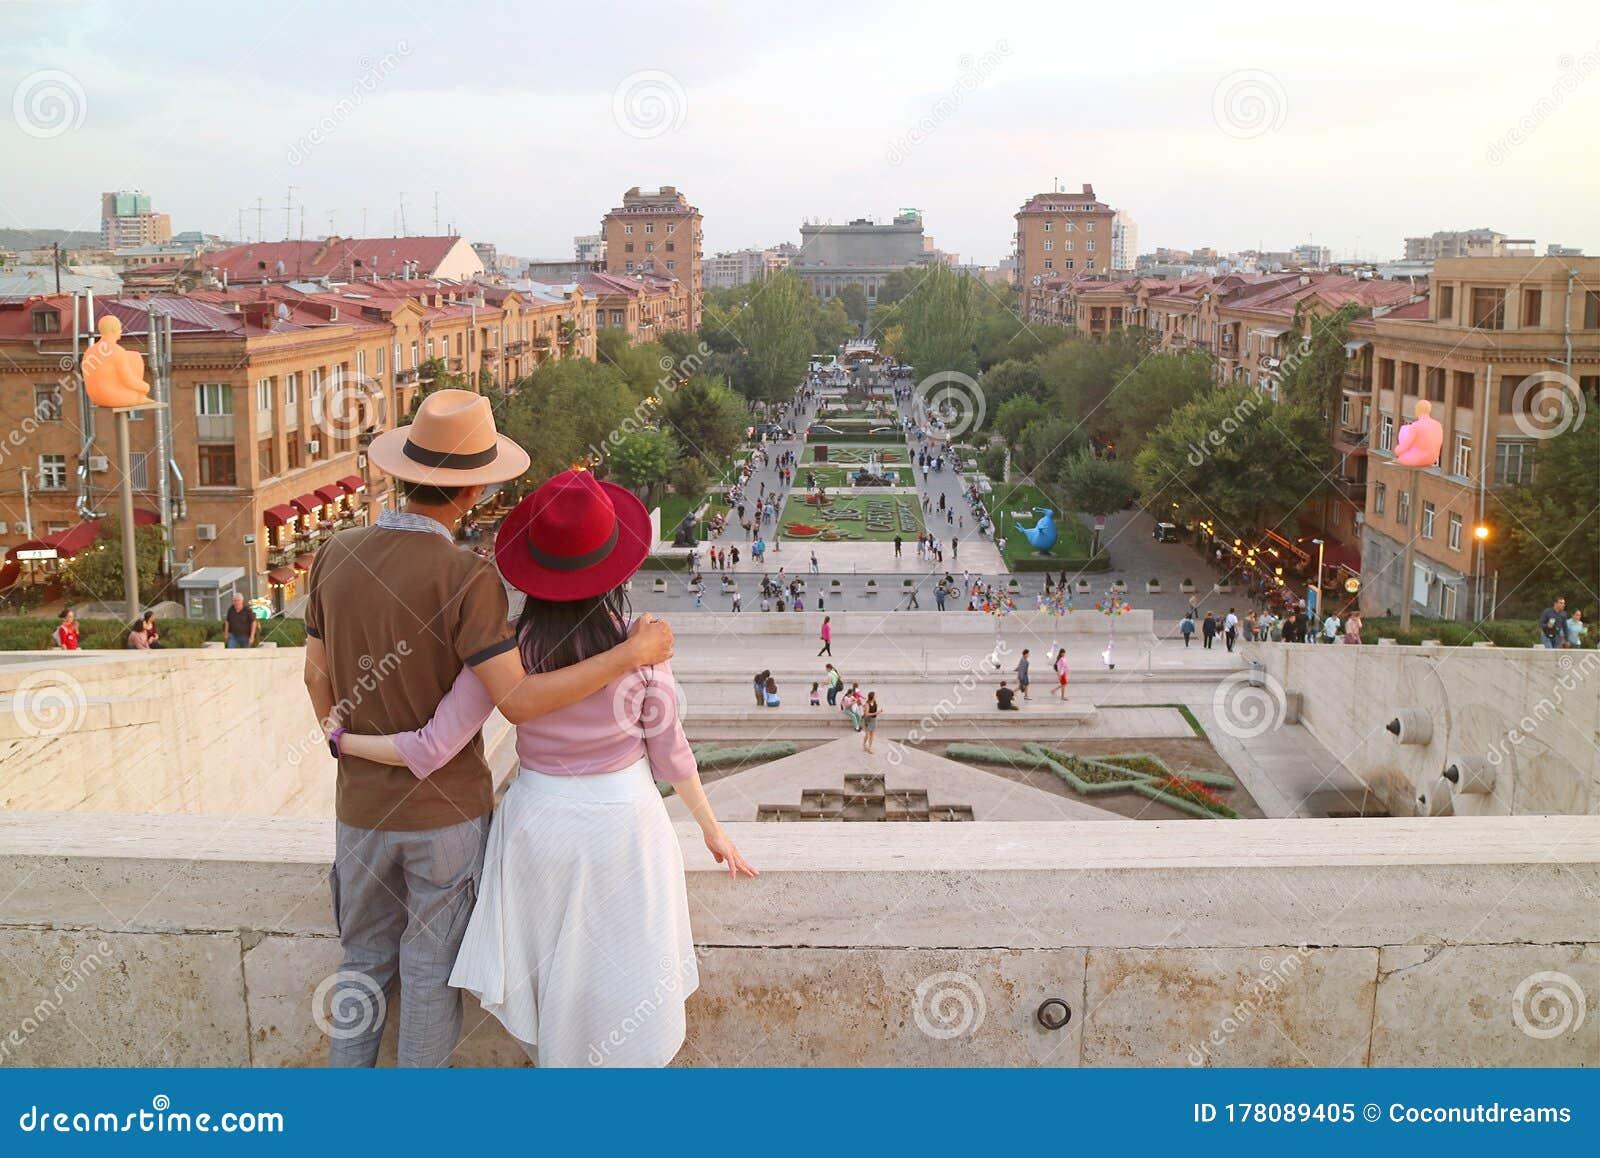 Cel mai bun site de dating in Maroc